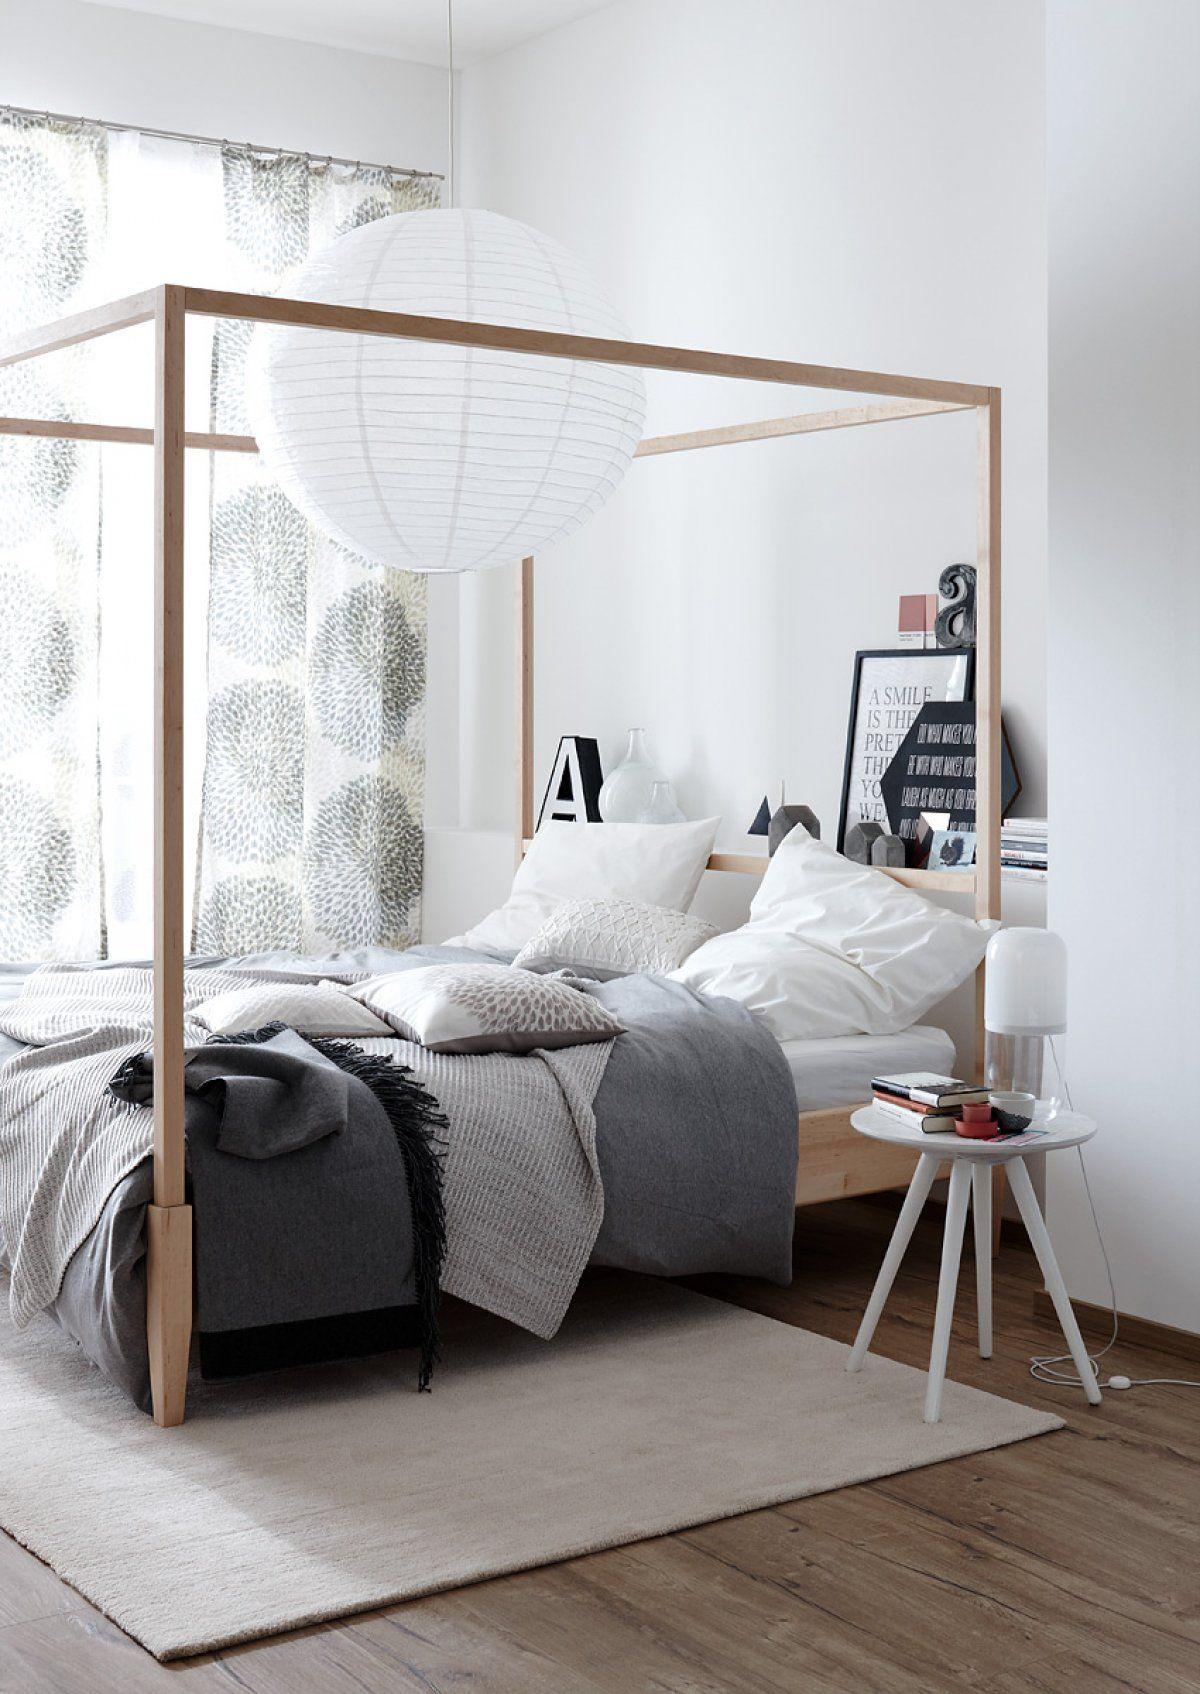 Das Schlafzimmer Zur Ruhezone Machen Bild 2 Schoner Wohnen Schlafzimmer Schlafzimmer Einrichten Und Schlafzimmer Gestalten